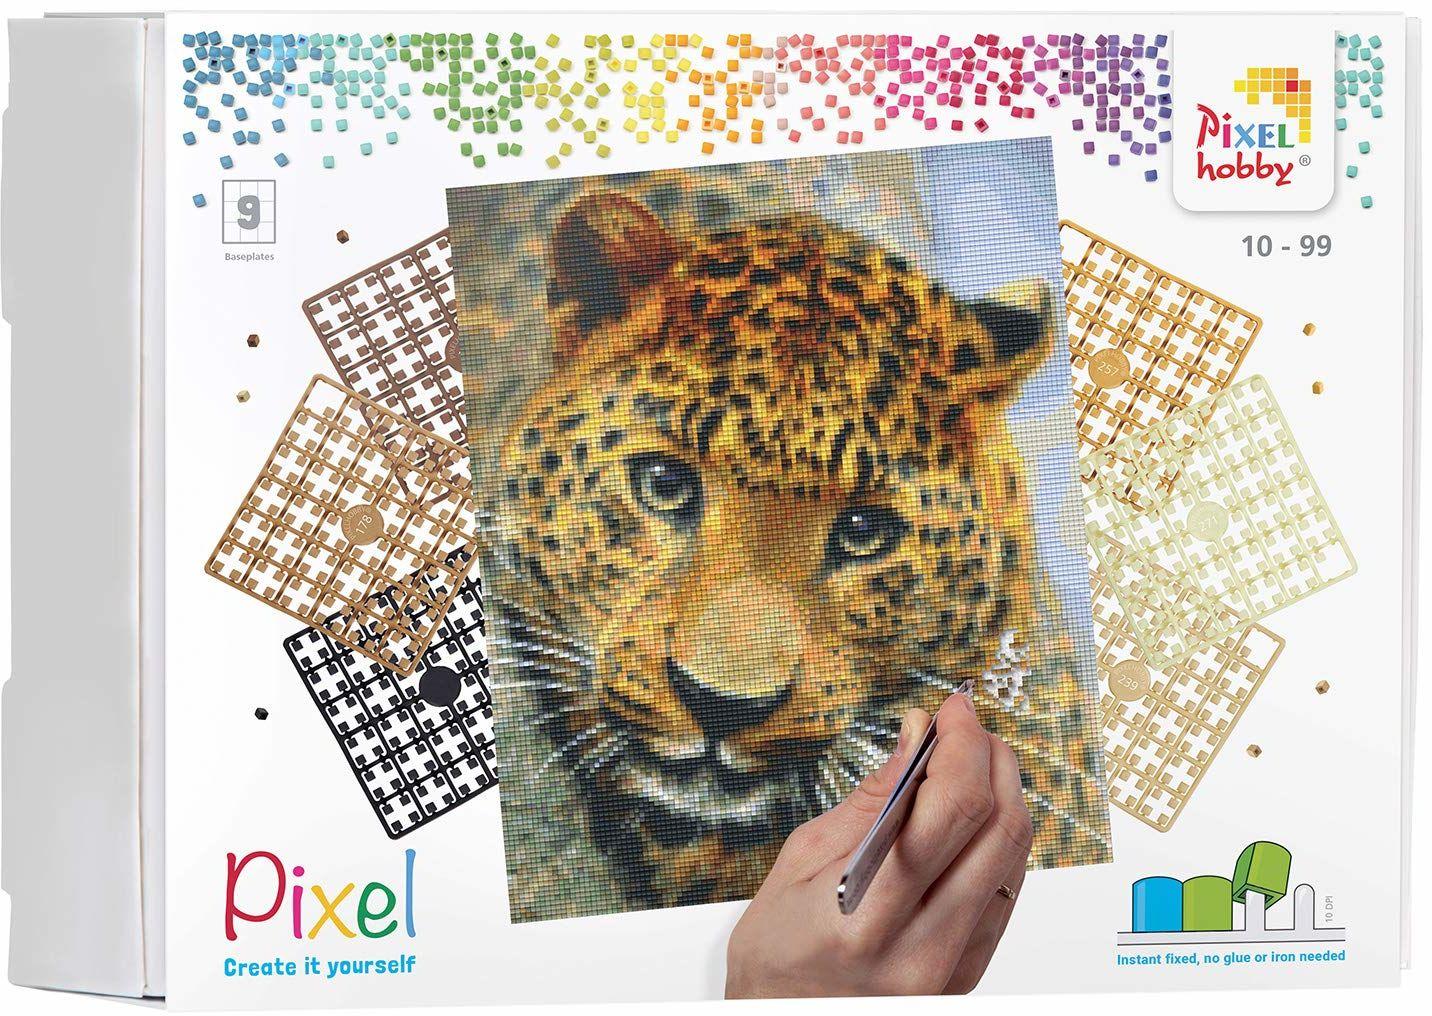 Pixel P090050 Mozaika opakowanie na prezent leopard. Obraz pikseli około 30,5 x 38,1 cm rozmiar do tworzenia dla dzieci i dorosłych, kolorowy